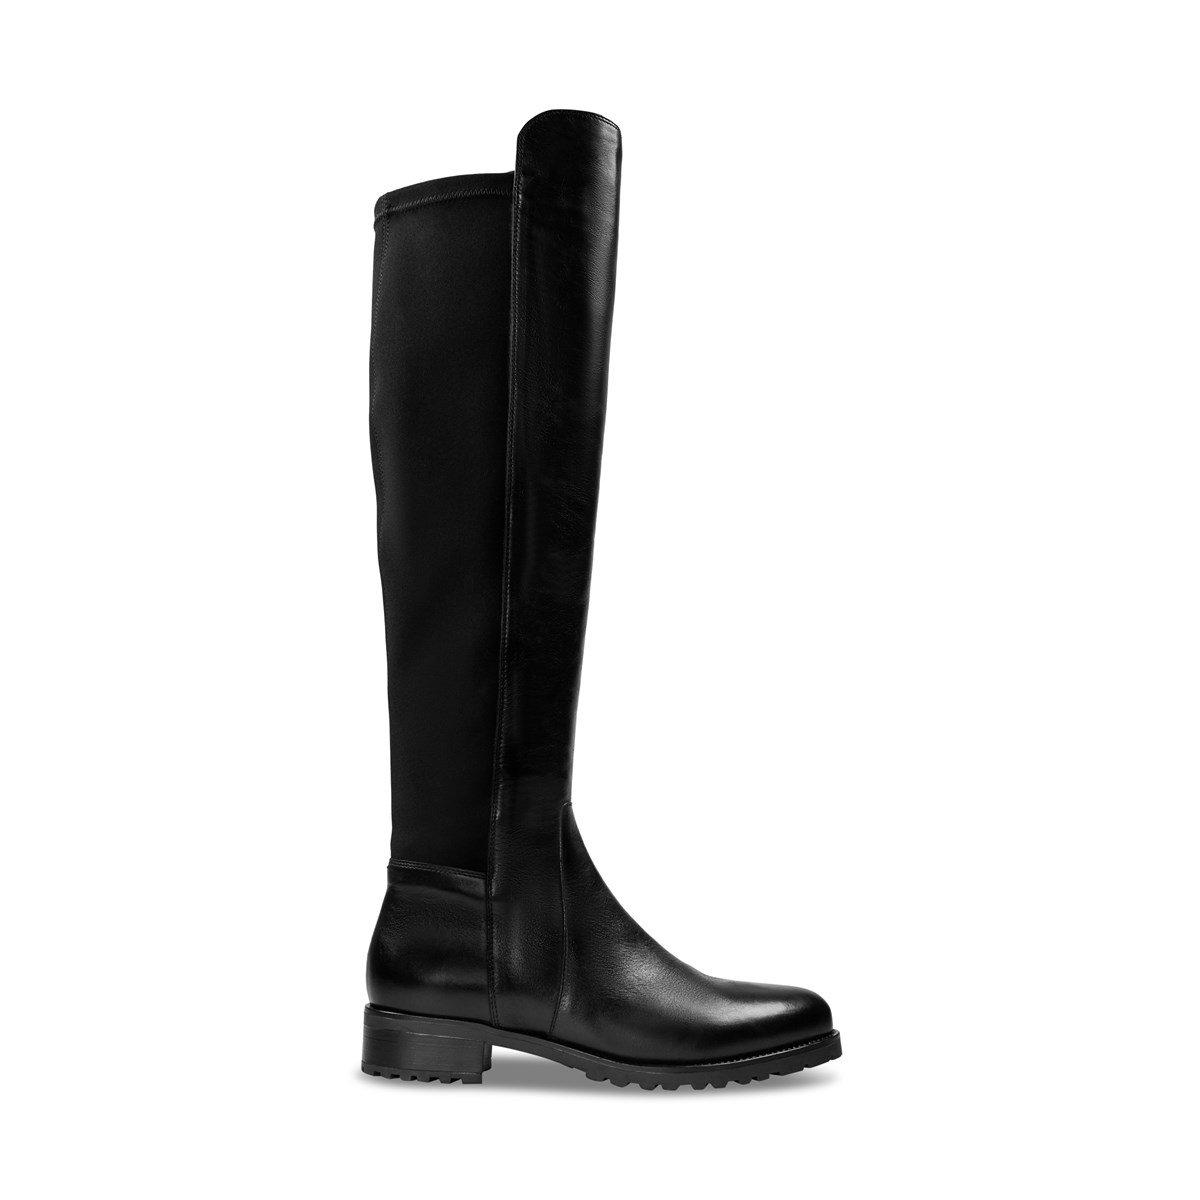 Women's Jade Over The Knee Boots in Black